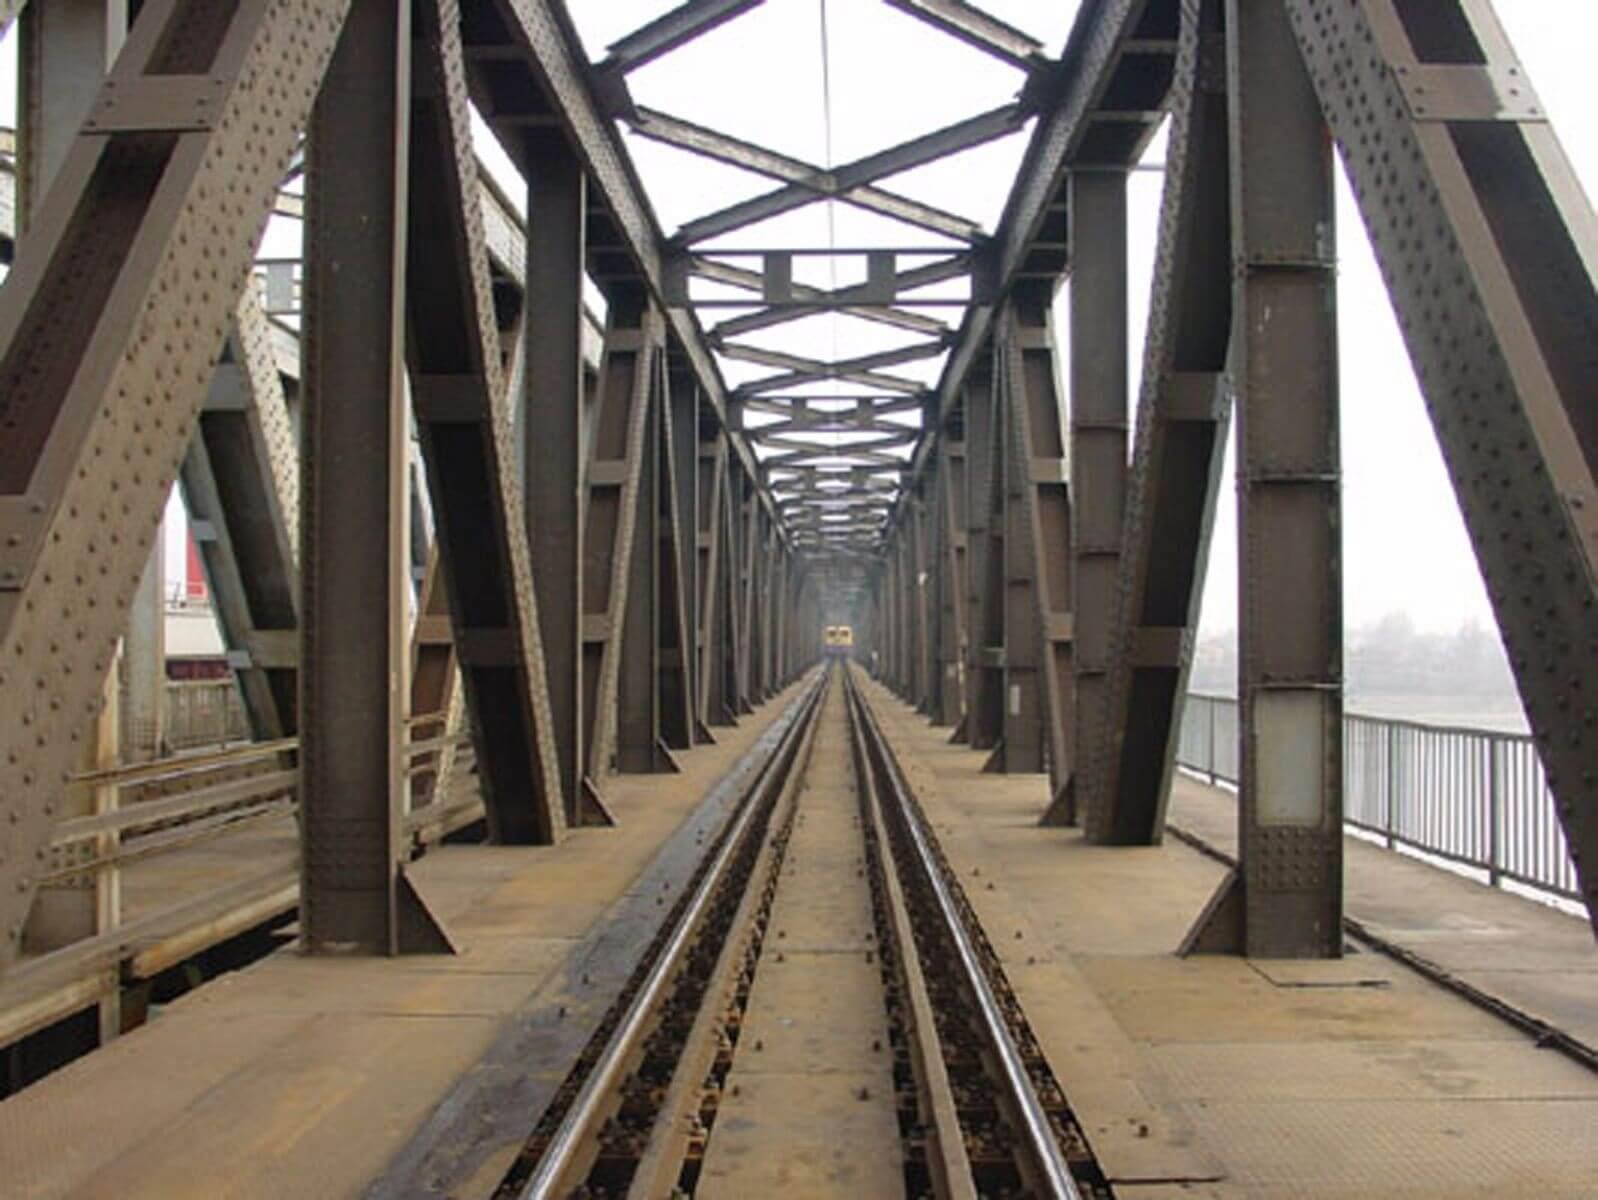 Harmadik vágánnyal bővül a legforgalmasabb vasúti összekötő híd